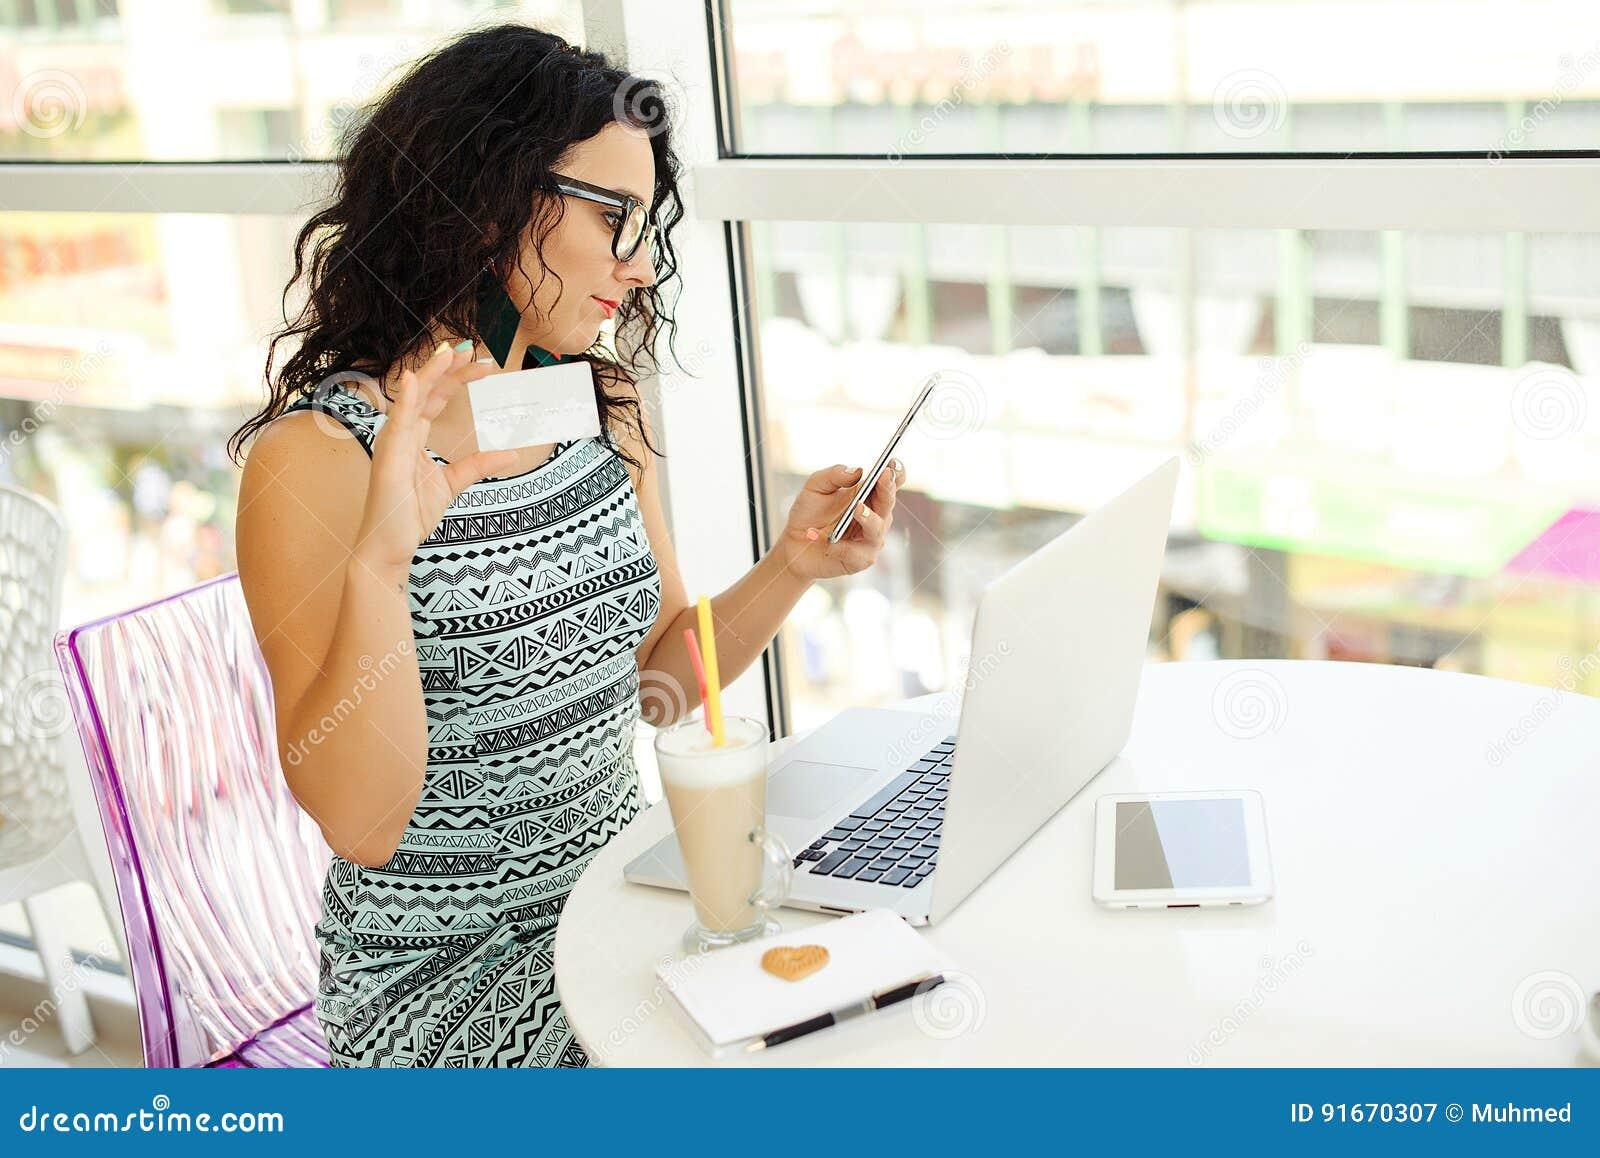 Giovane donna che effettua pagamento online con la carta di credito Acquisto in linea Concetto di nuova età in attività bancarie